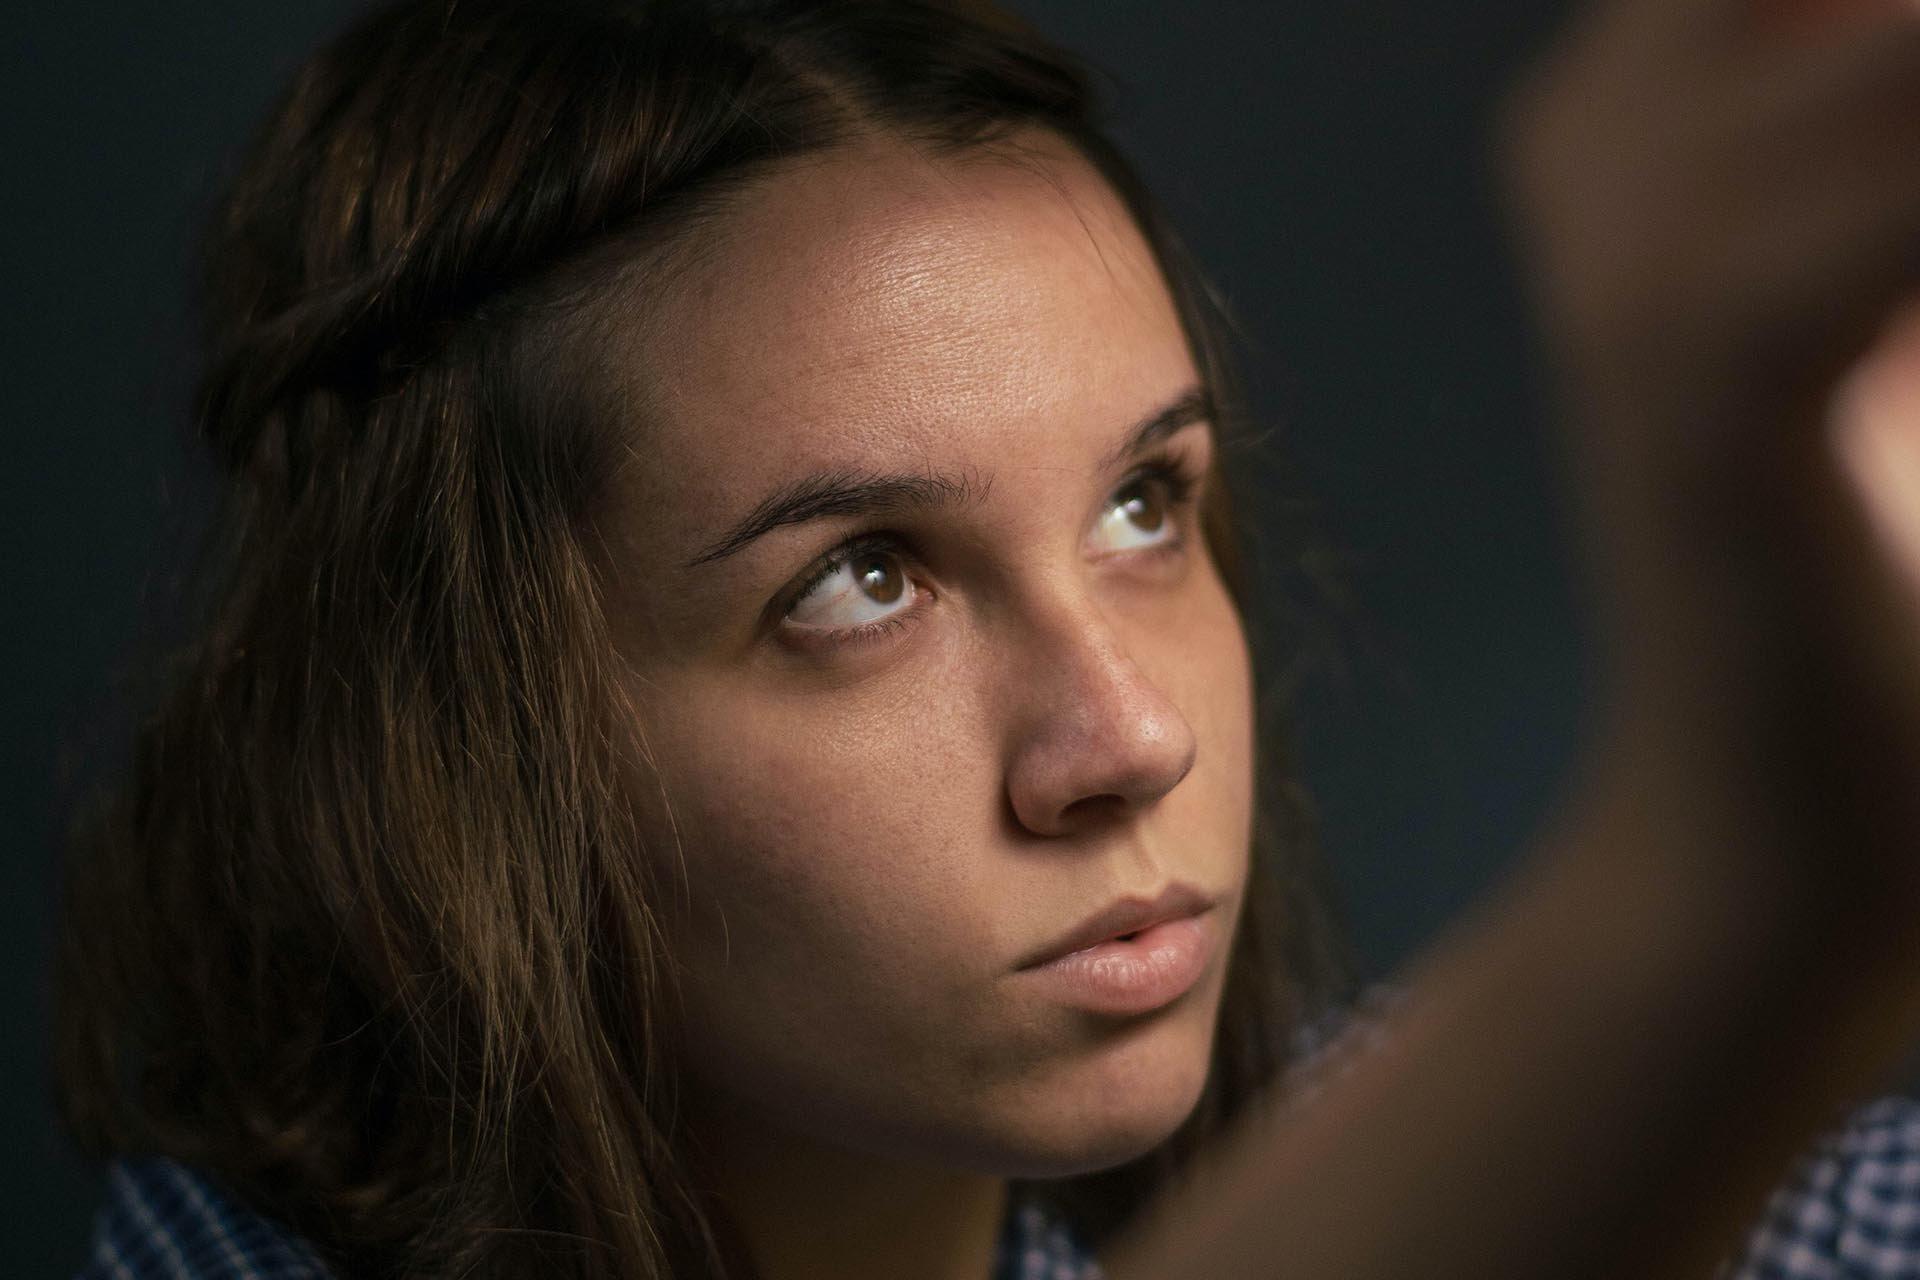 Värderingskompass-styr-våra-handlingar-A-Society